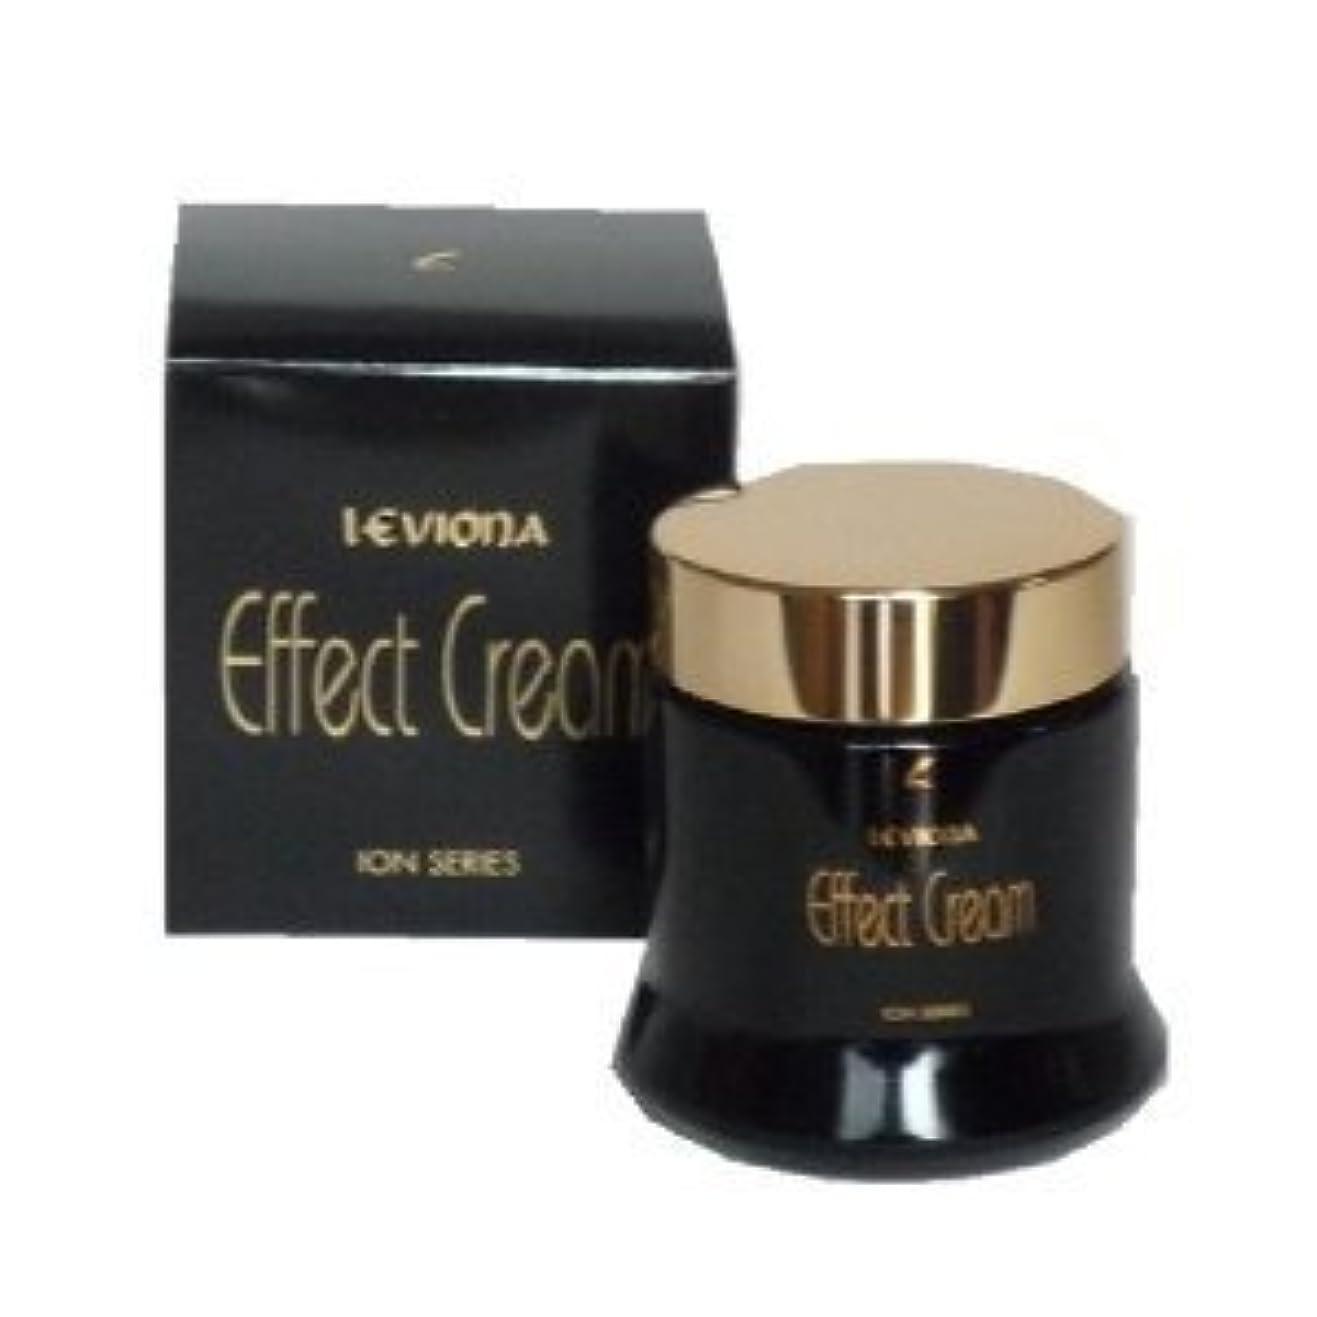 便利さプット舗装するレビオナ化粧品エフェクトクリーム天然イオン配合